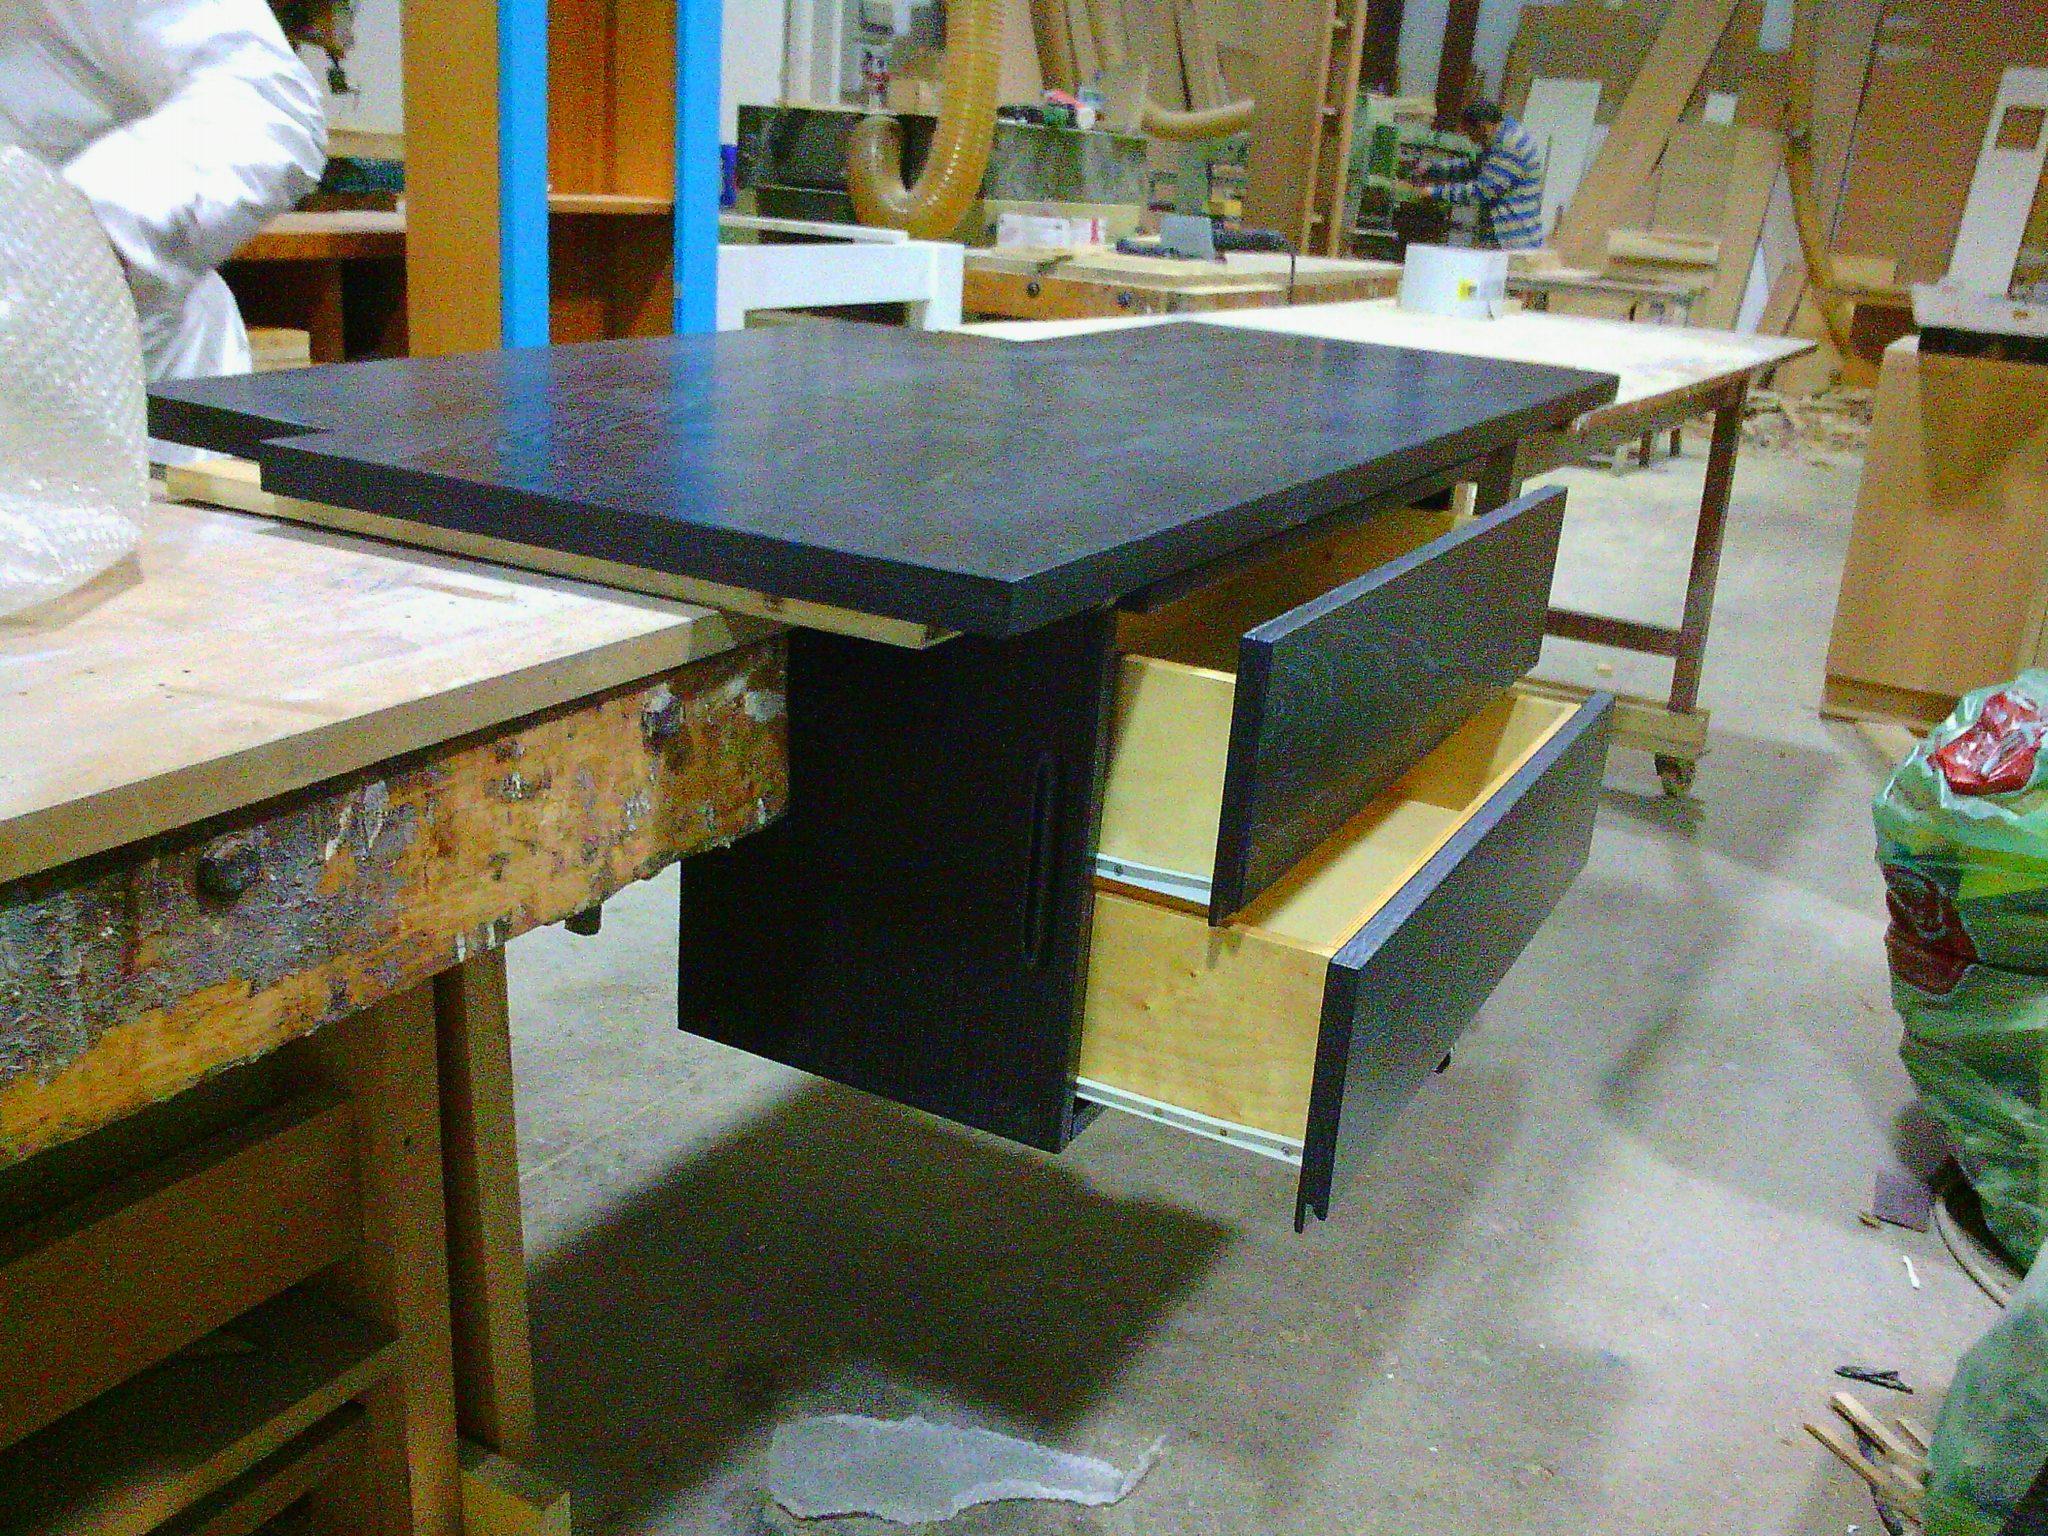 Top Piano Di Lavoro Penisola Durante La Lavorazione Di Prova In  #6A4820 2048 1536 Piano Di Lavoro Cucina Ikea Su Misura